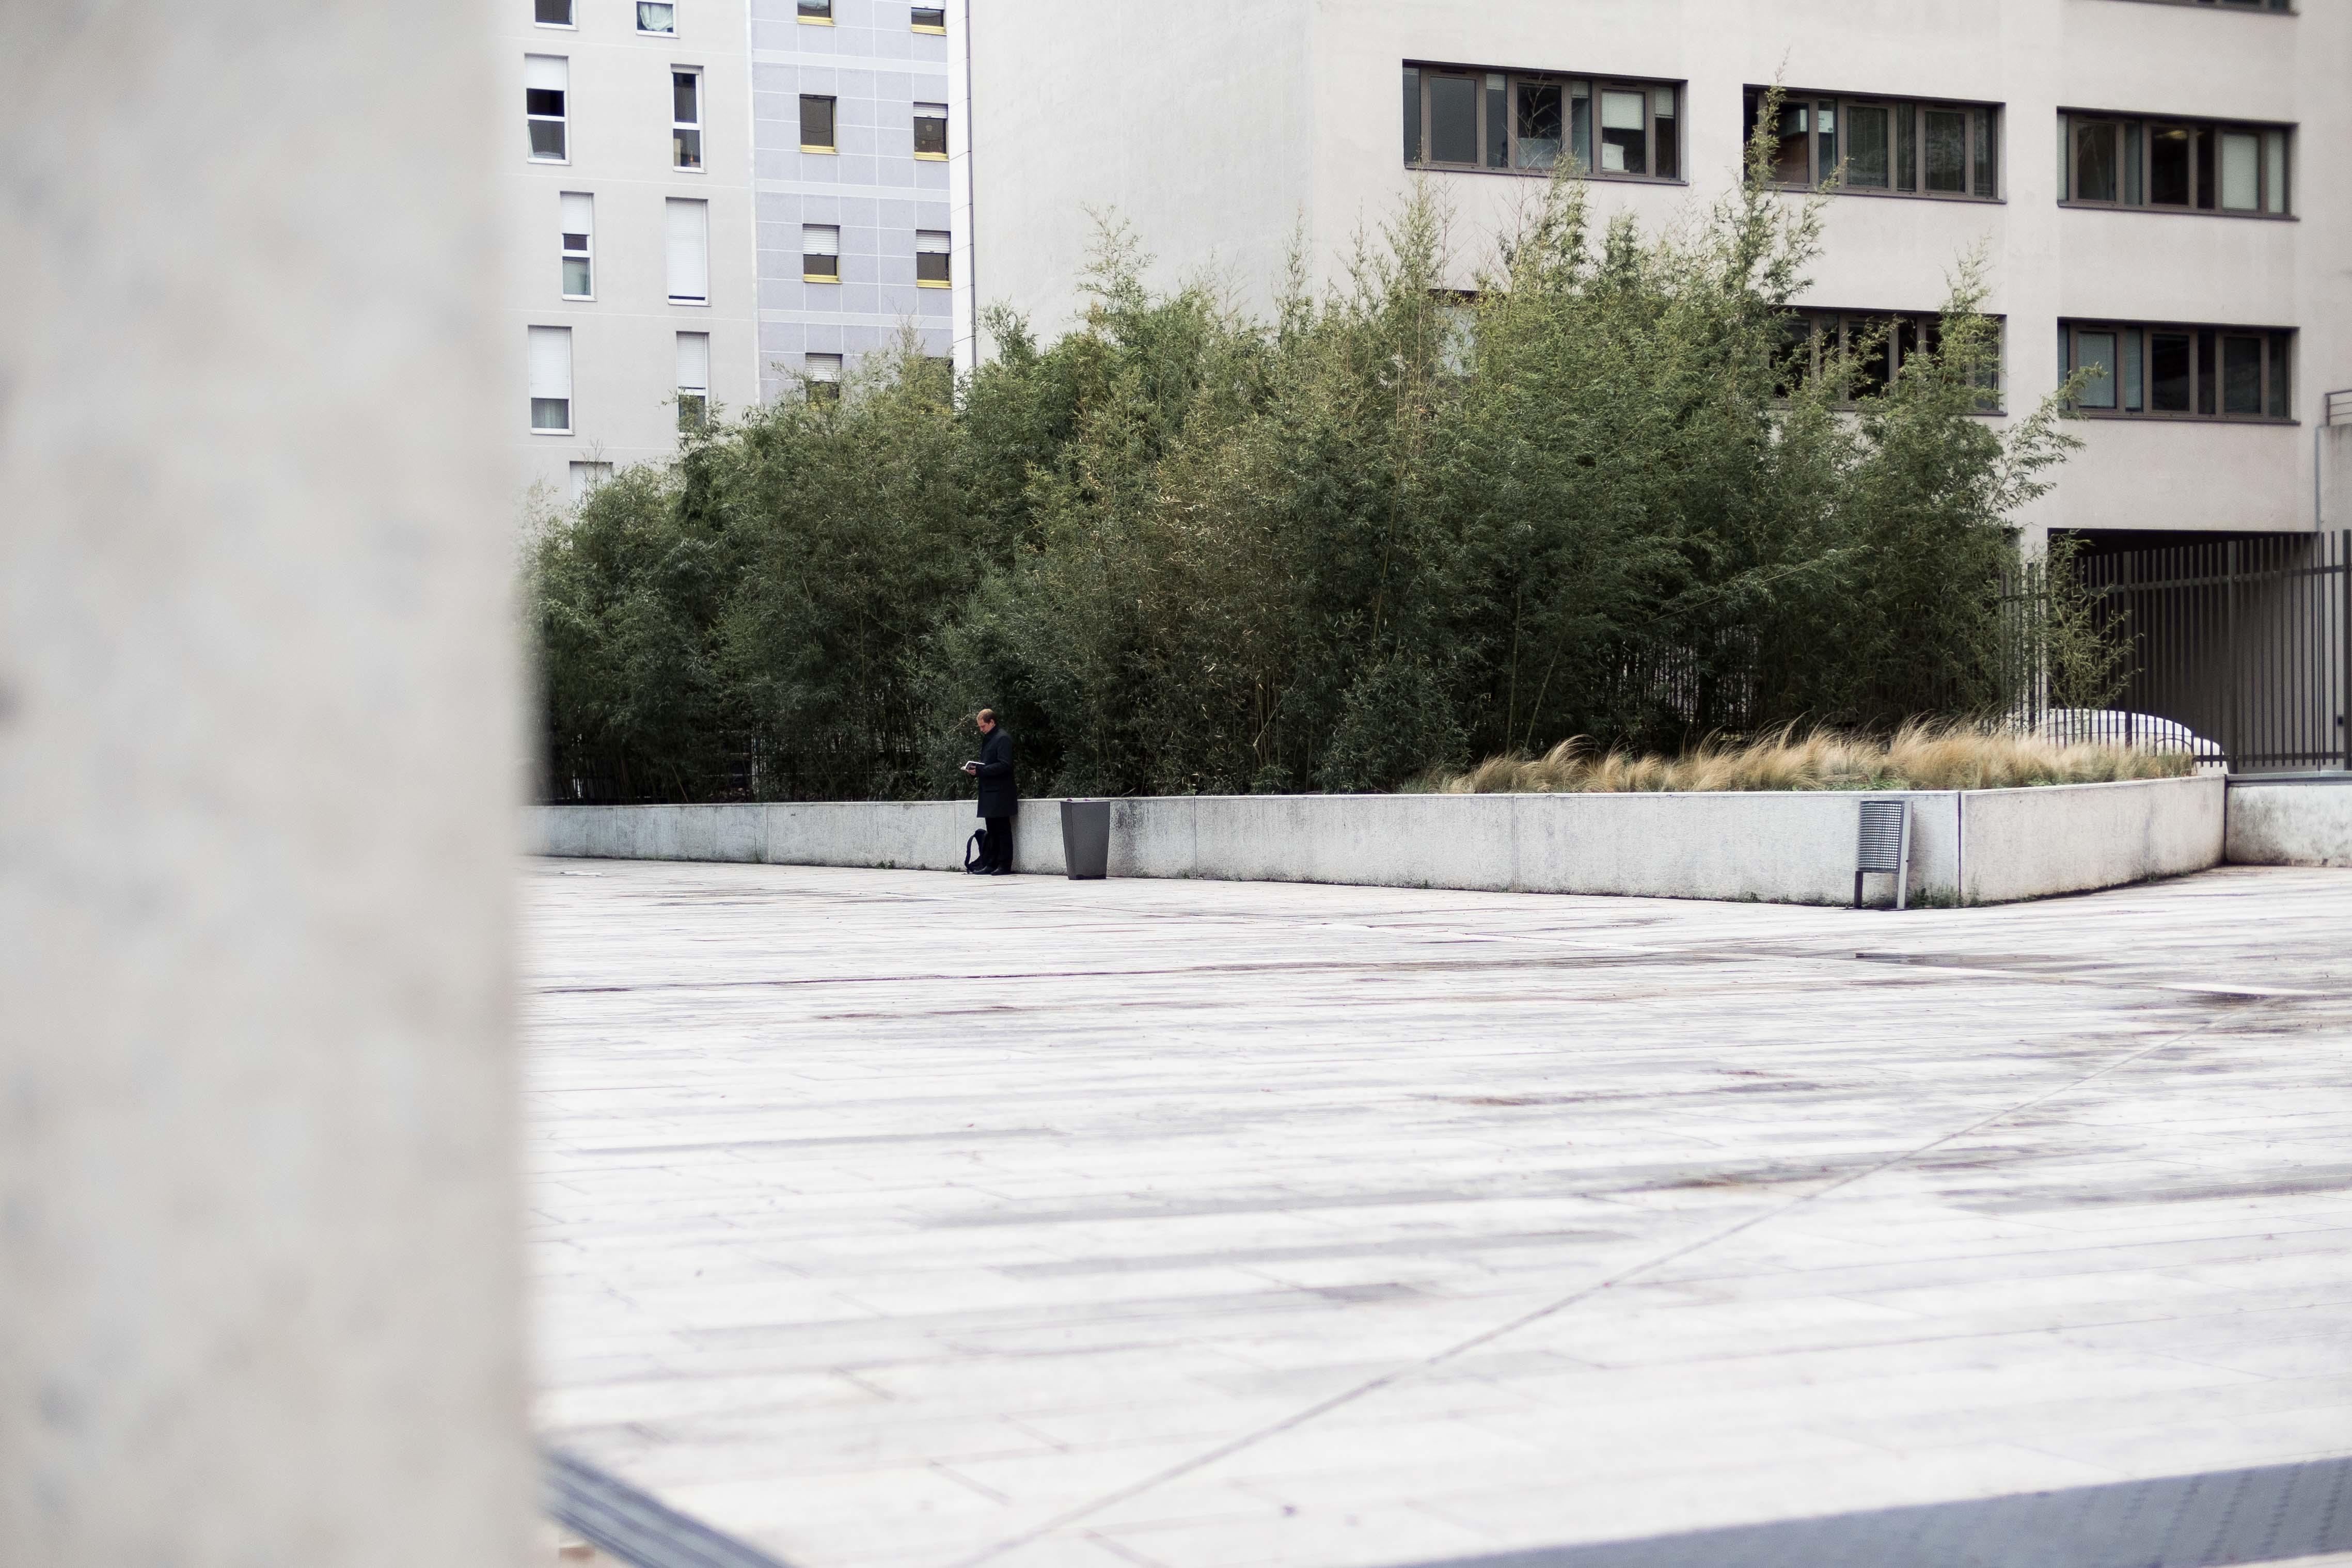 08 Soft City Lyon | Urban Pix